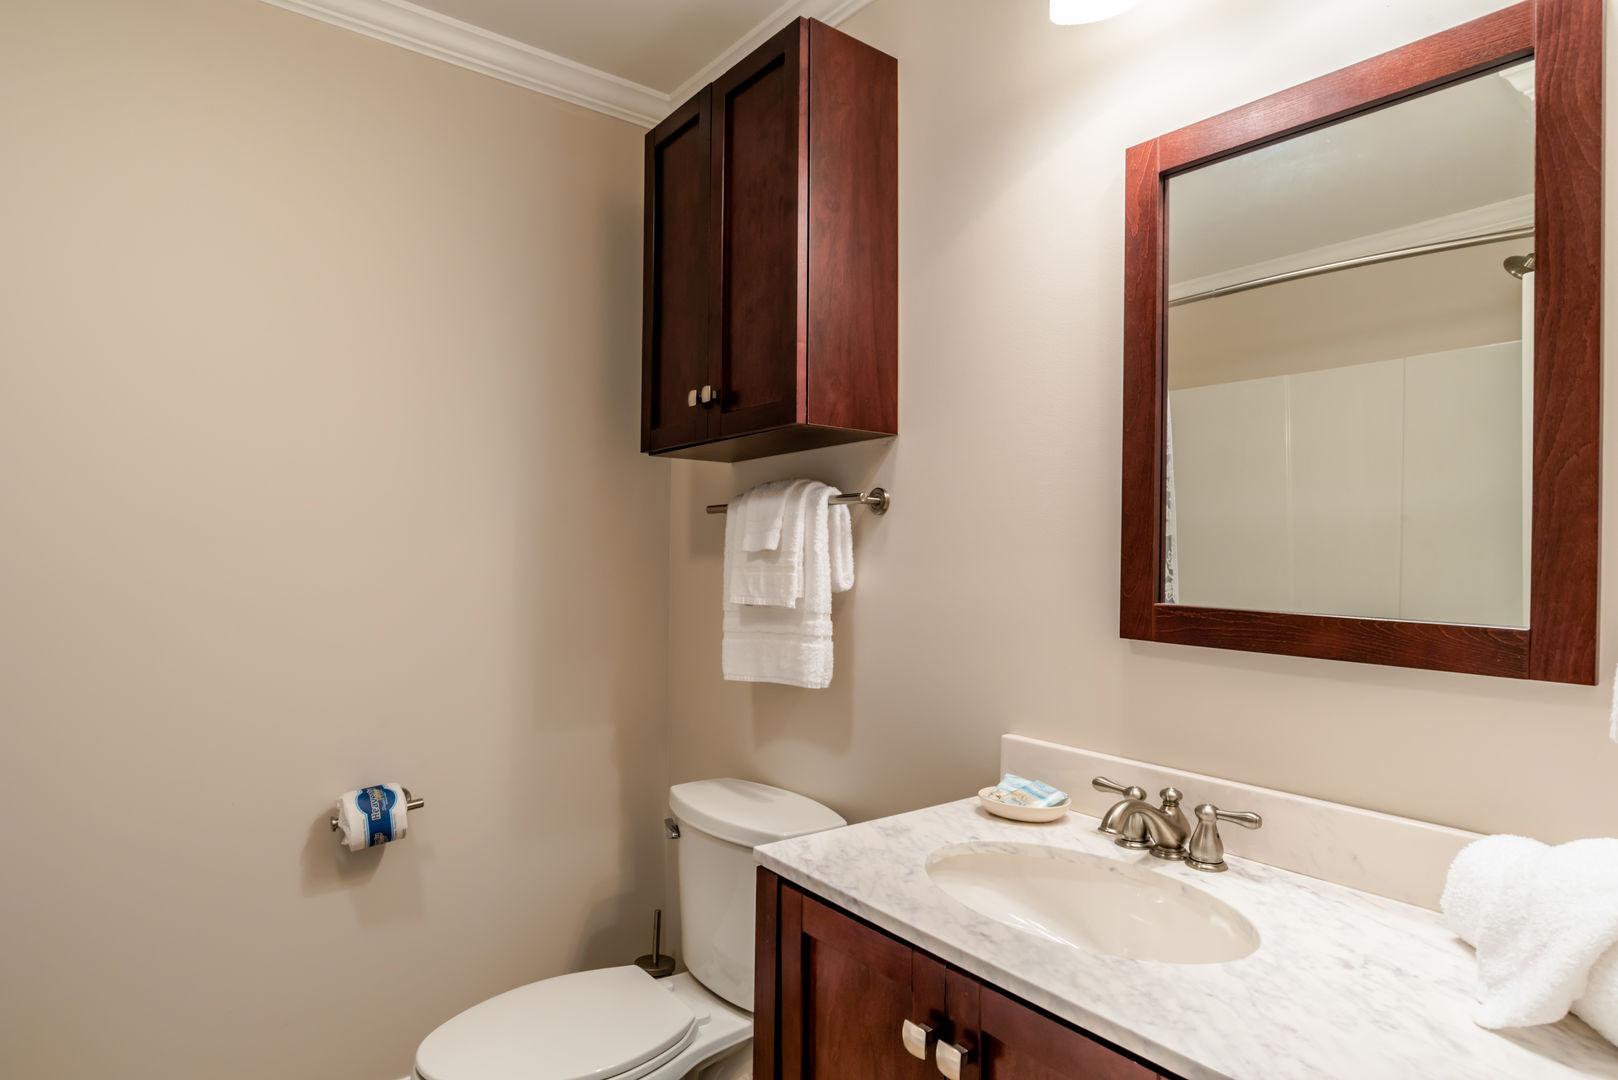 Bedroom 2 has a private bathroom